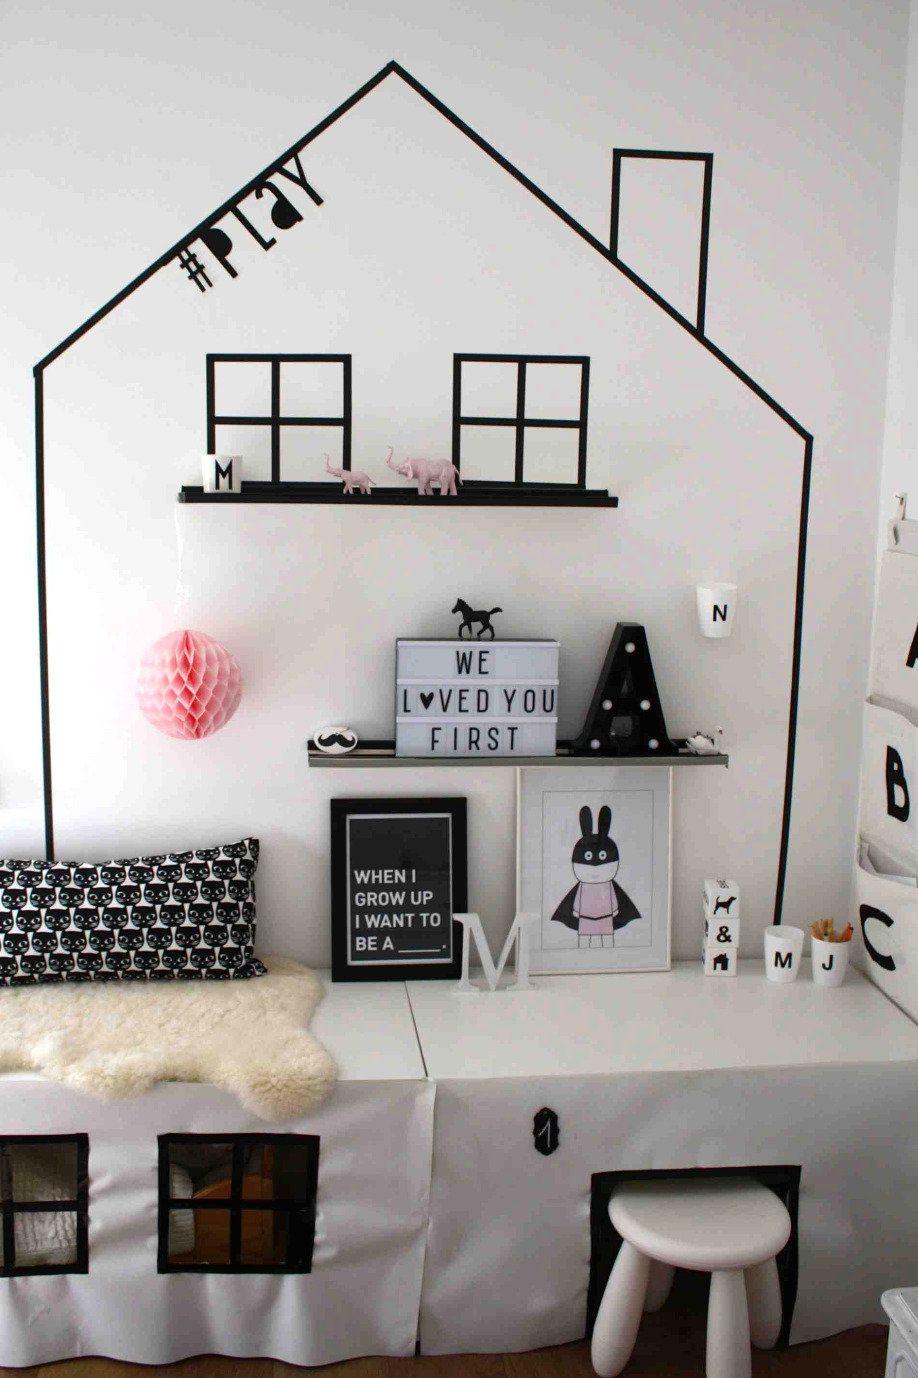 wie man sch ne sachen schnell und g nstig selber machen kann erfahrt ihr auf meinem blog. Black Bedroom Furniture Sets. Home Design Ideas